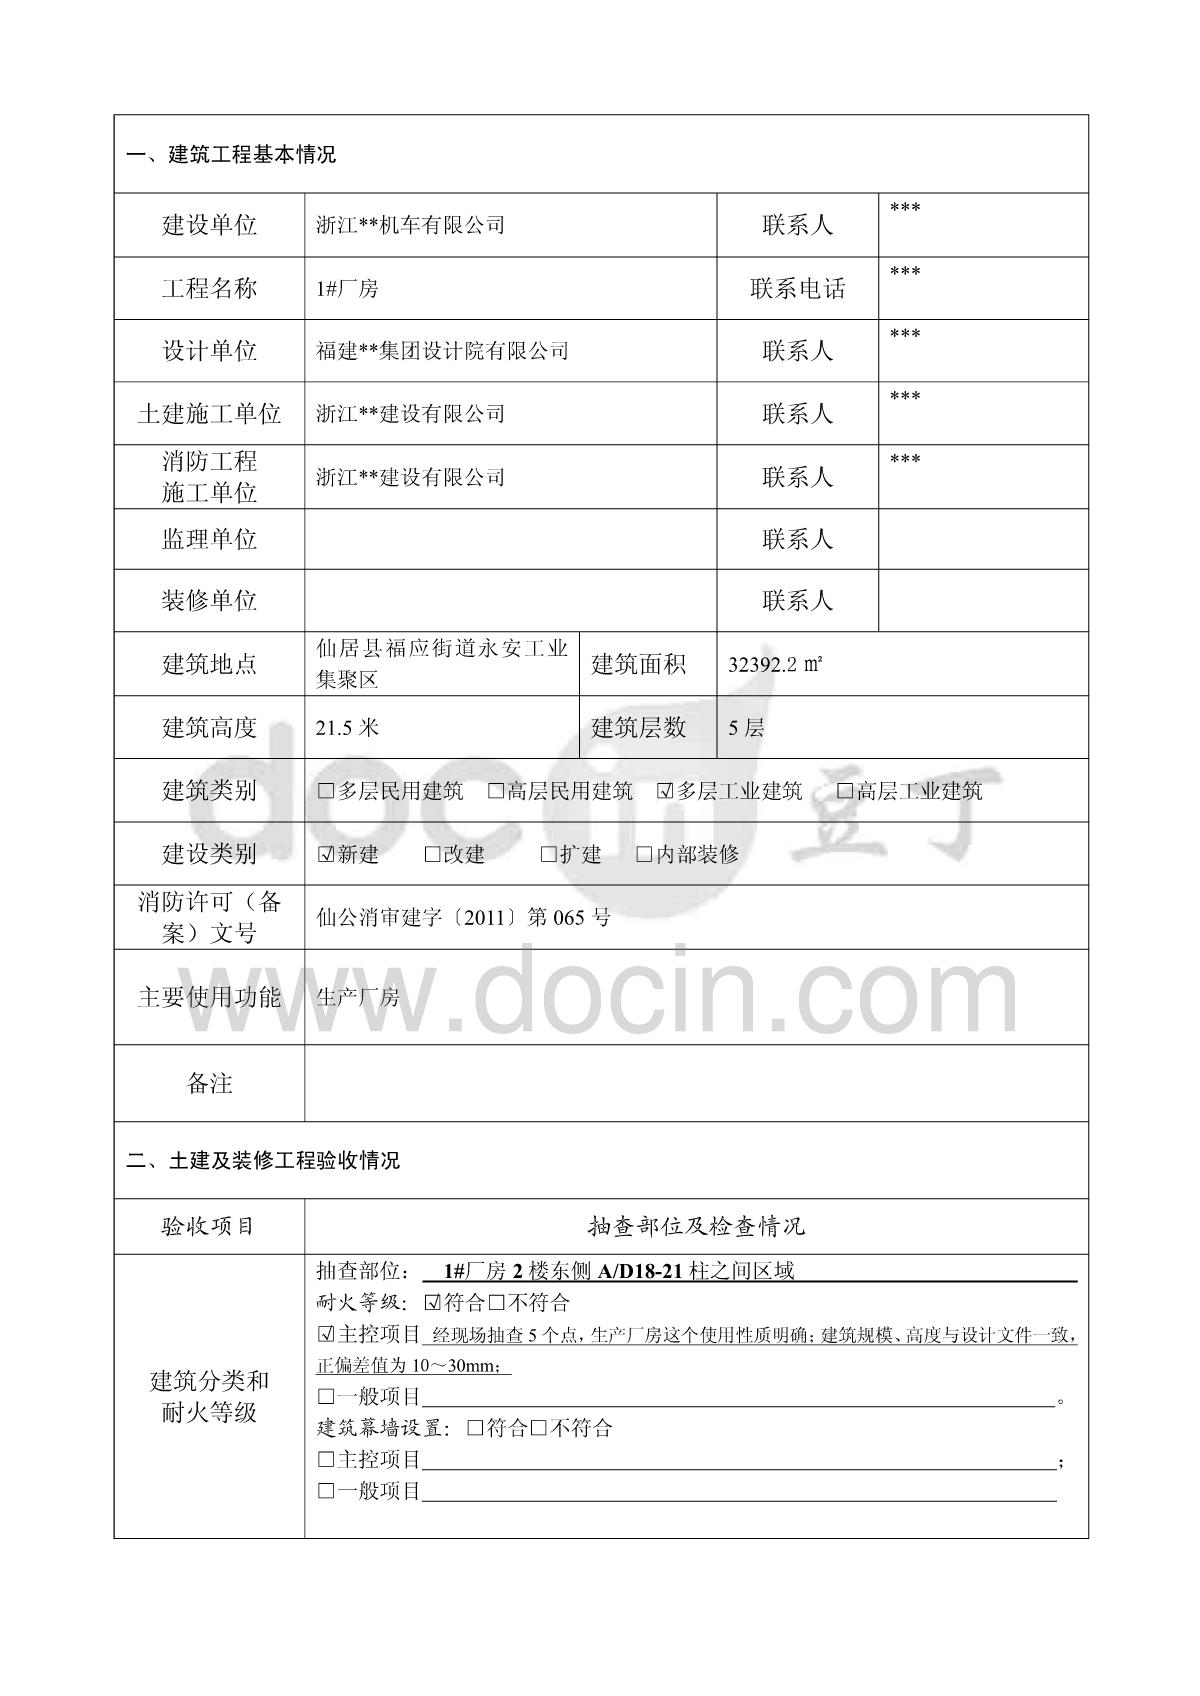 建筑工程竣工消防验收报告(生产厂房填写示范样本)